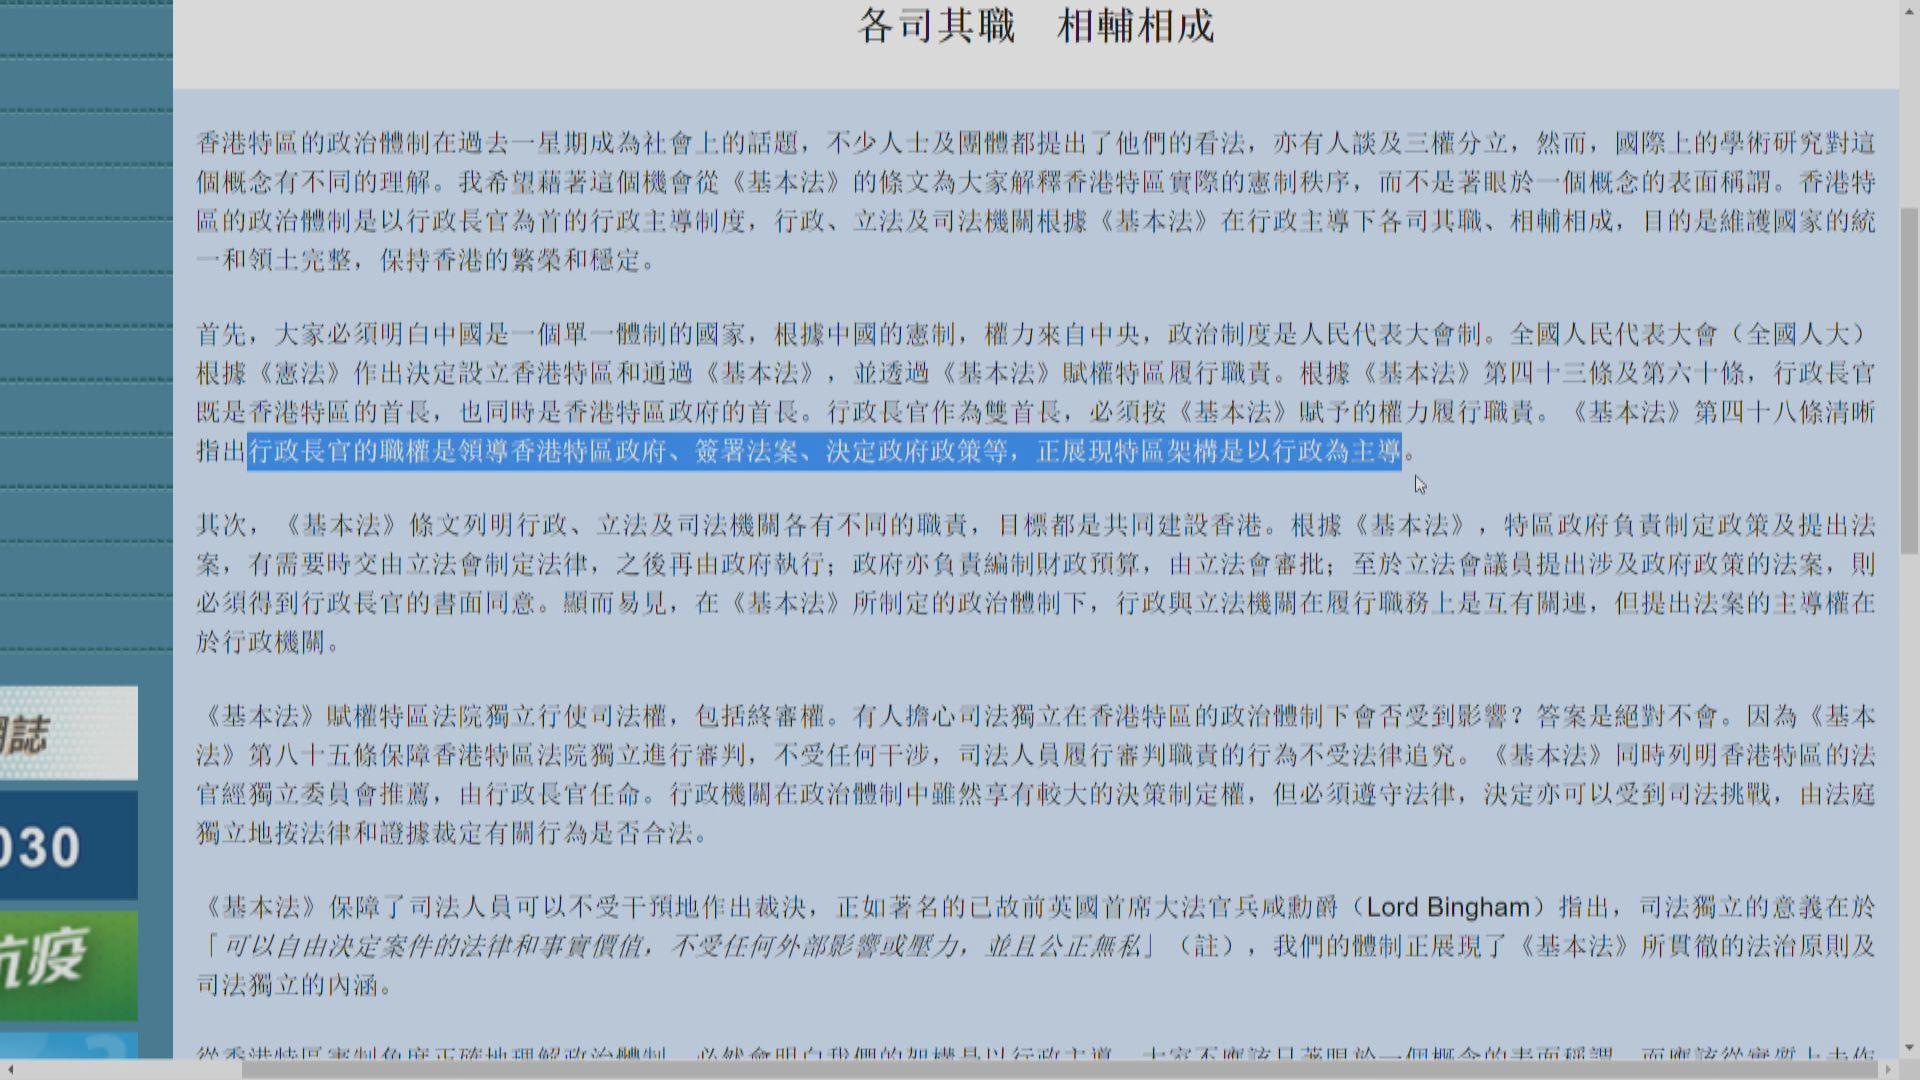 鄭若驊:本港政治體制屬行政主導 社會不應只着眼三權分立表面稱謂